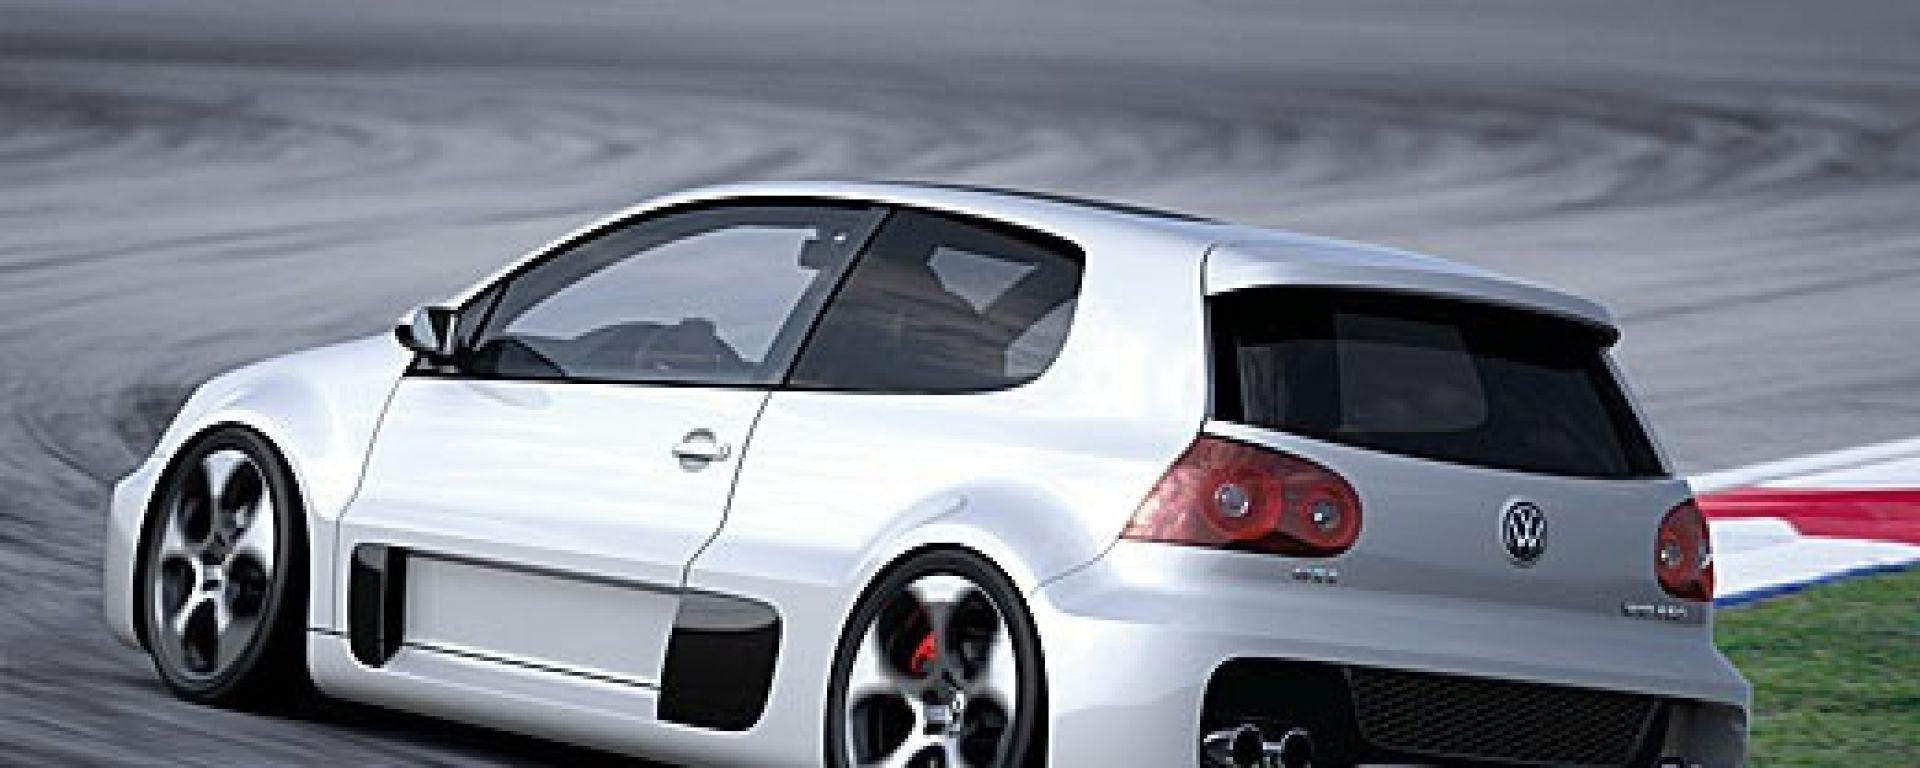 concept car volkswagen golf gti w12 650 motorbox. Black Bedroom Furniture Sets. Home Design Ideas